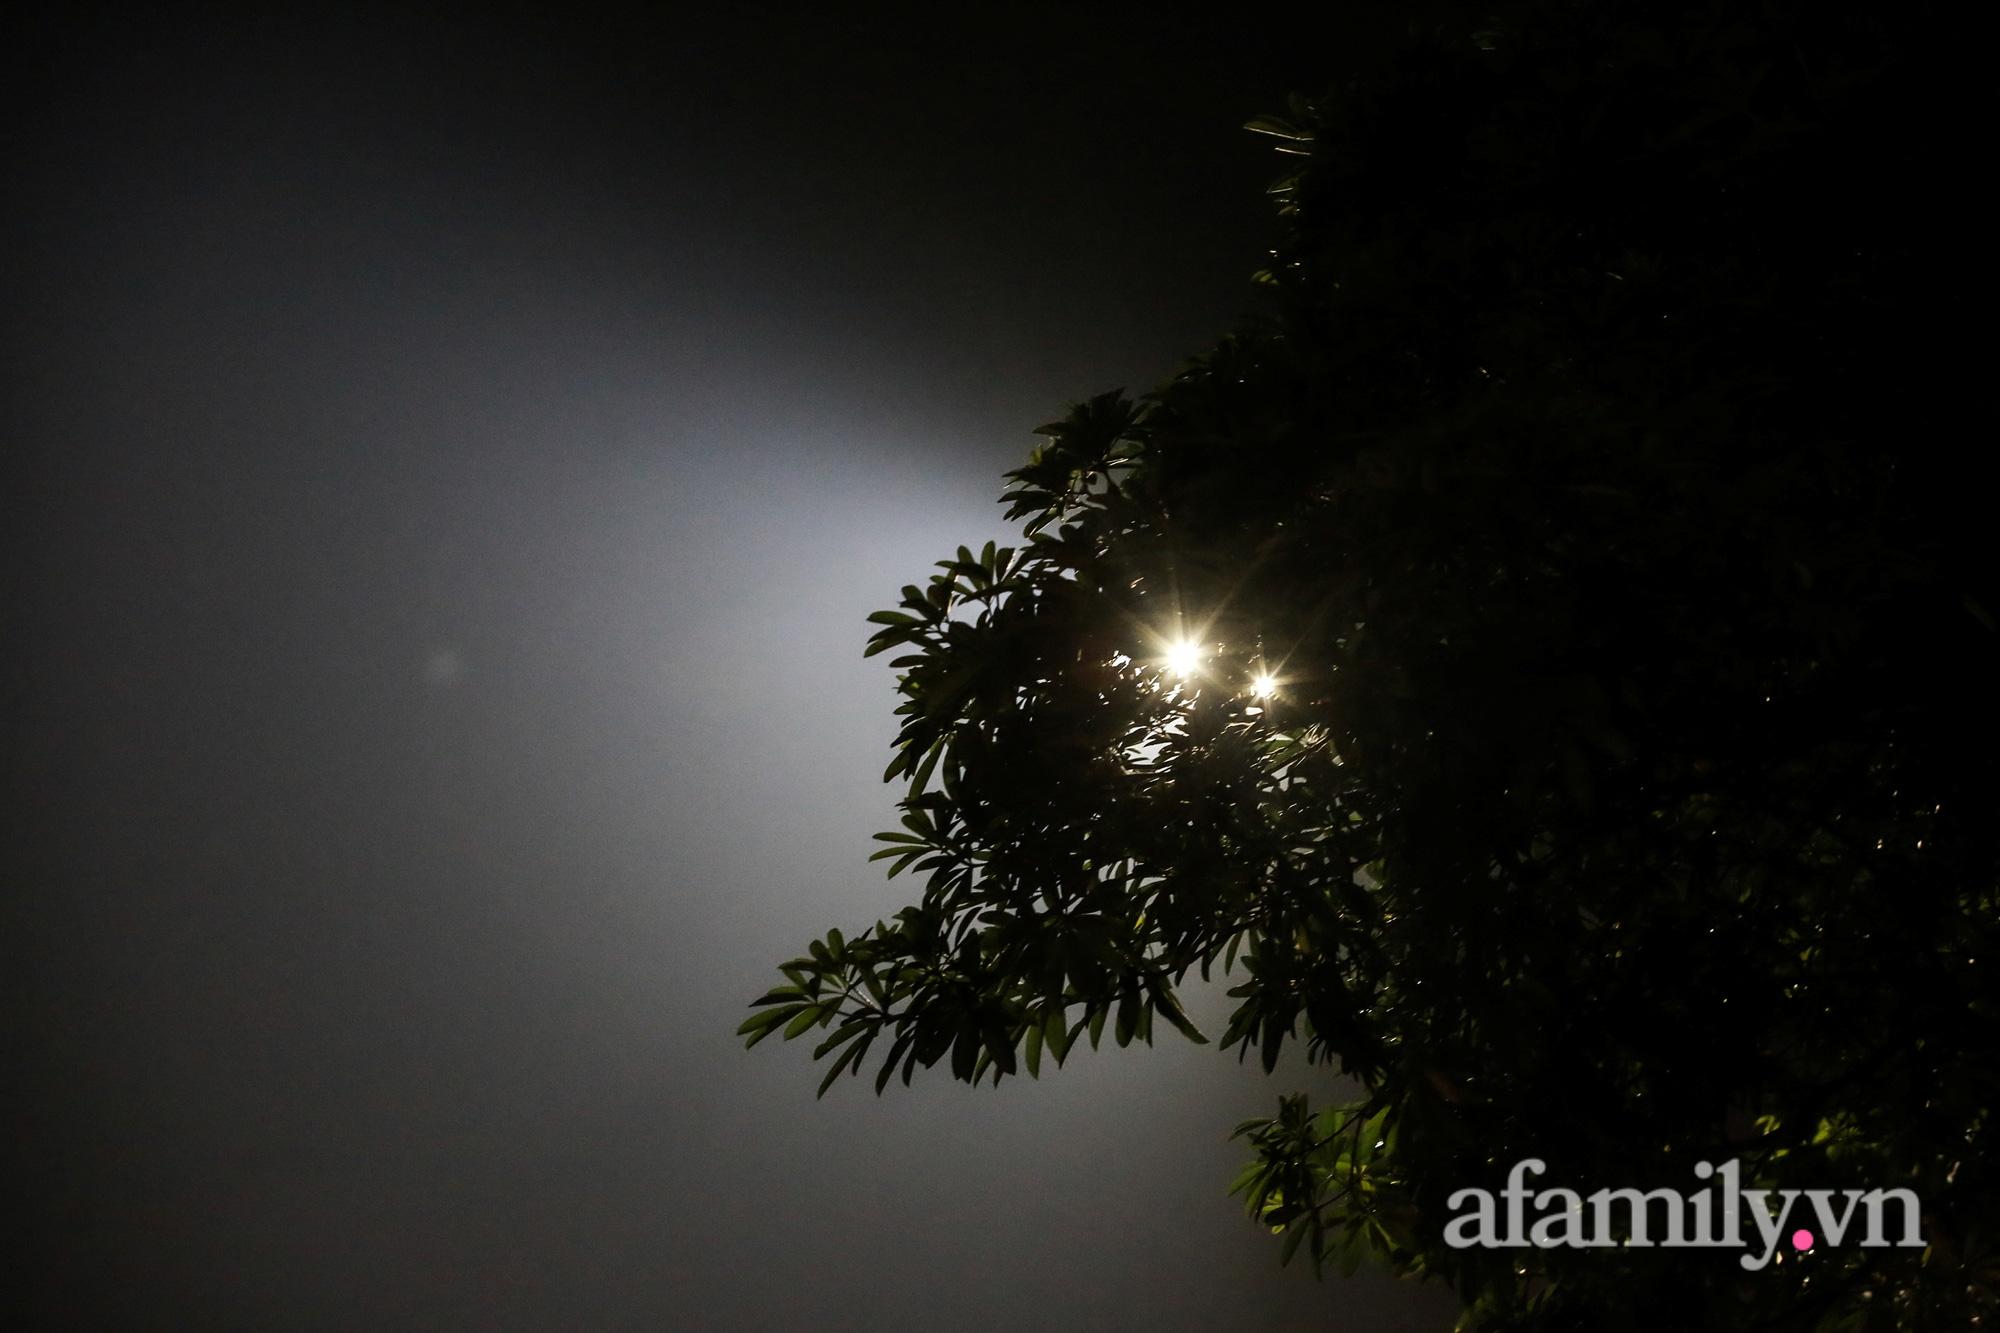 Bầu trời Hà Nội mù mịt giữa đêm khuya  - Ảnh 11.